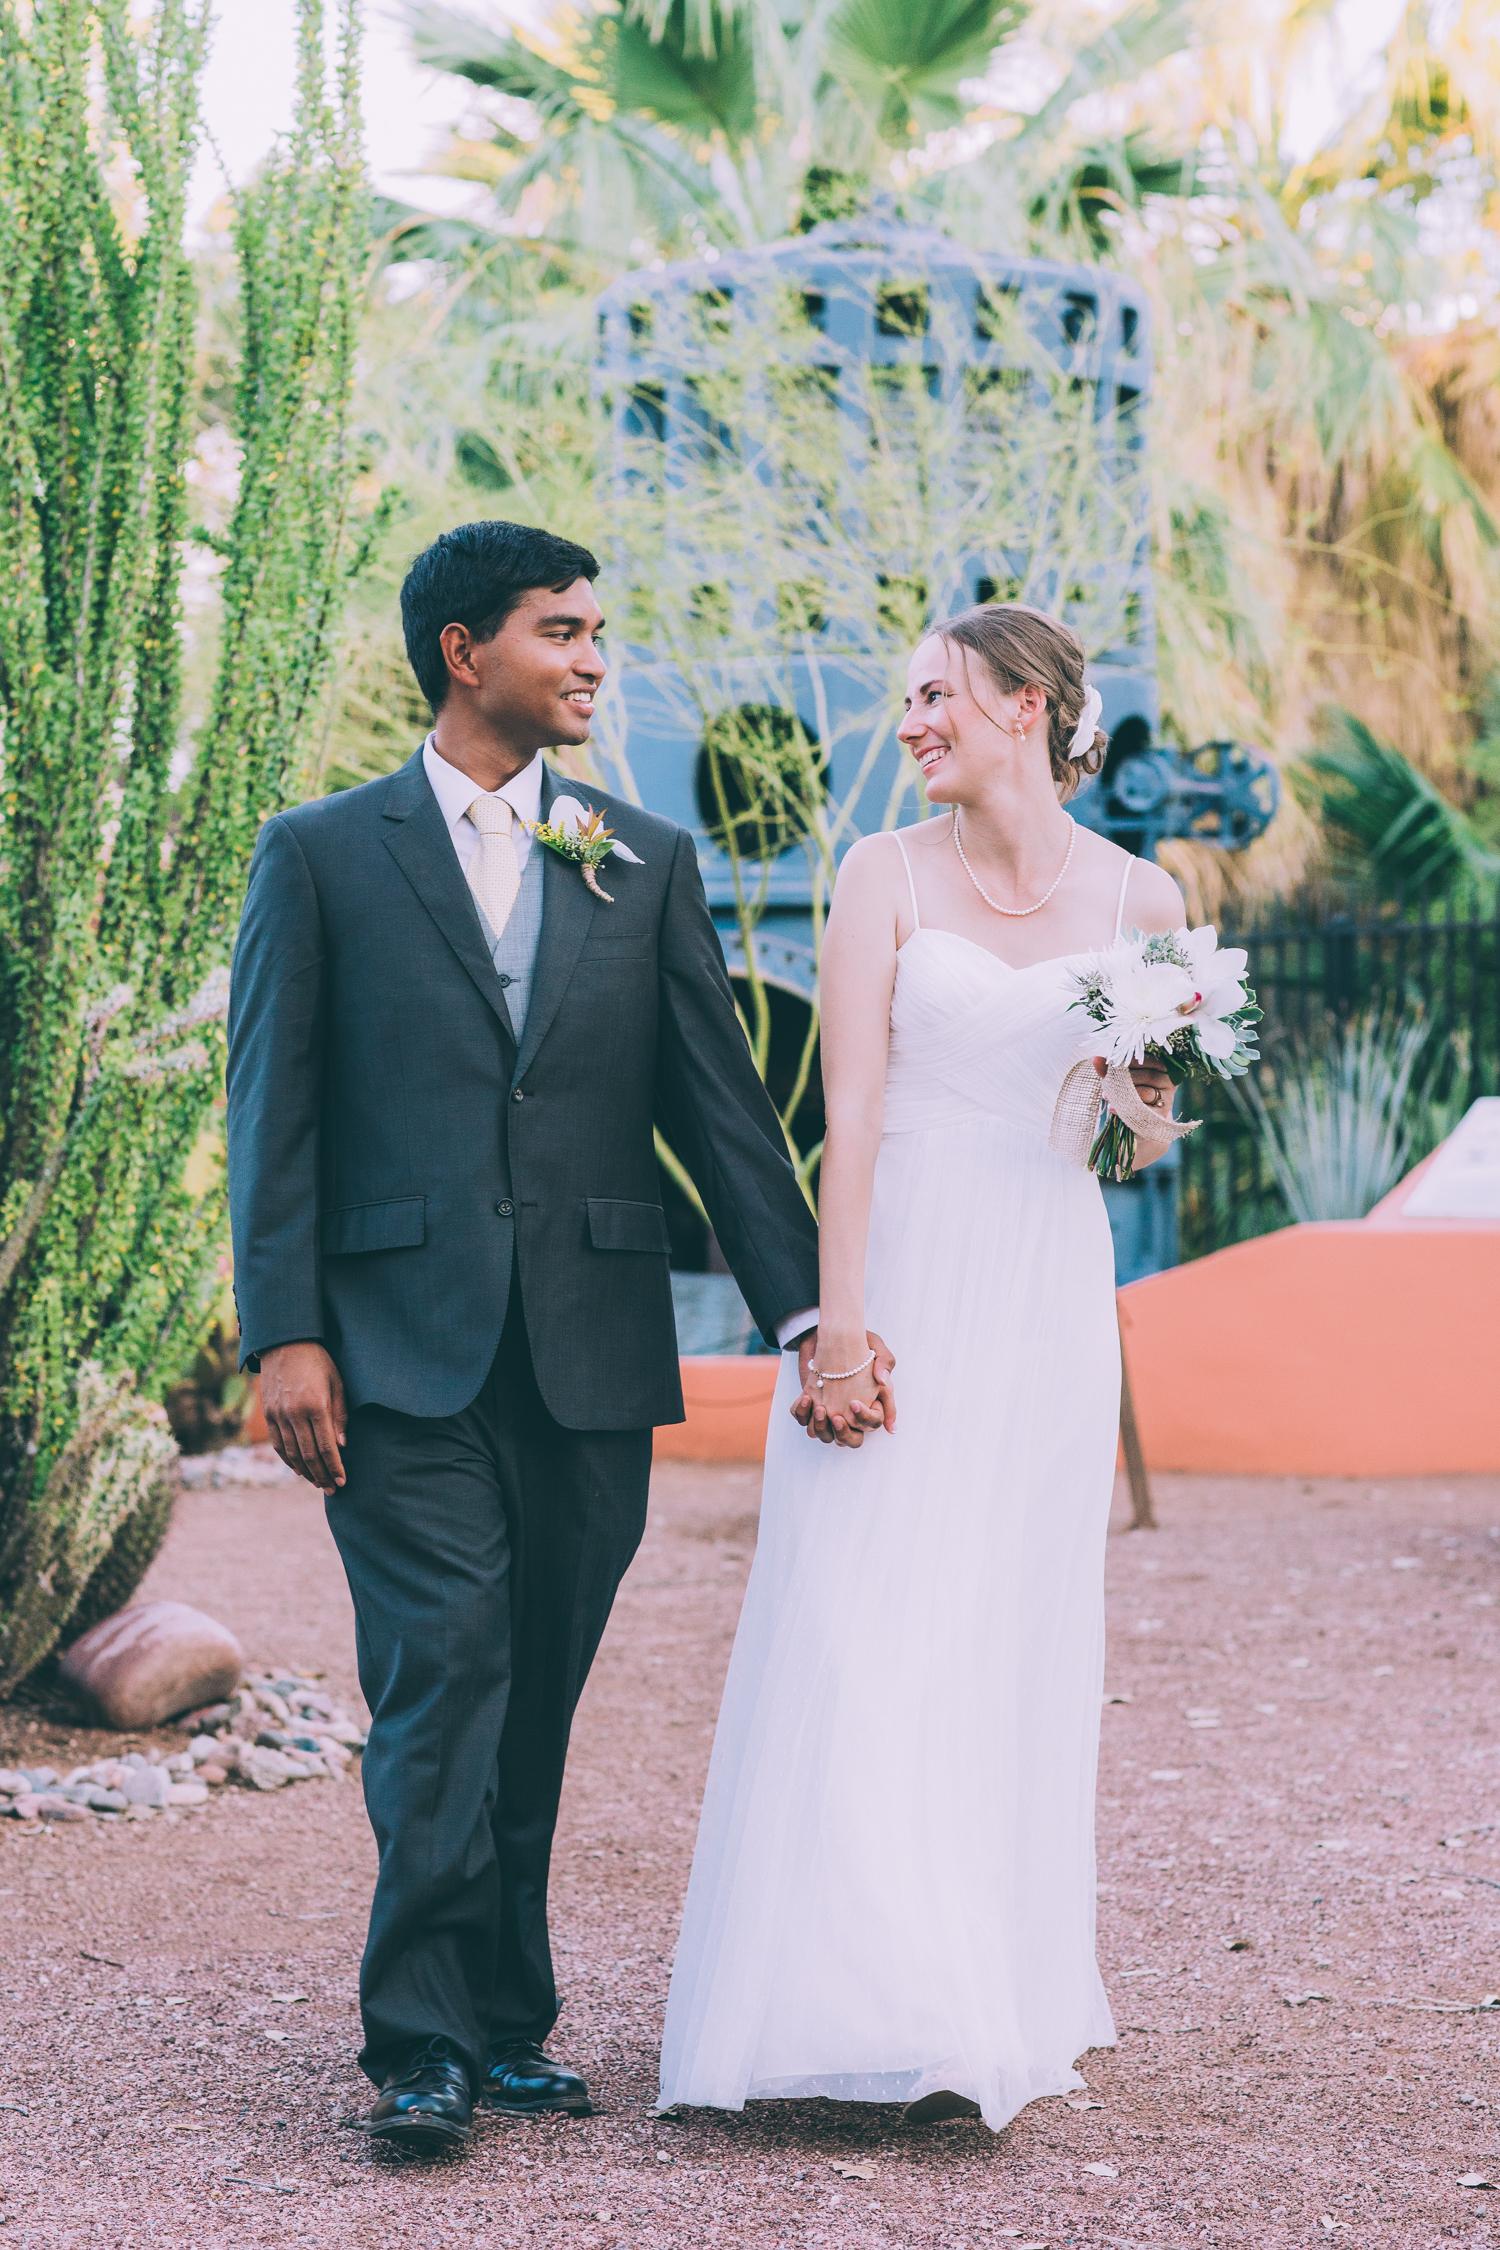 2015_09_19_CarlieandAlissas_Wedding_372.jpg